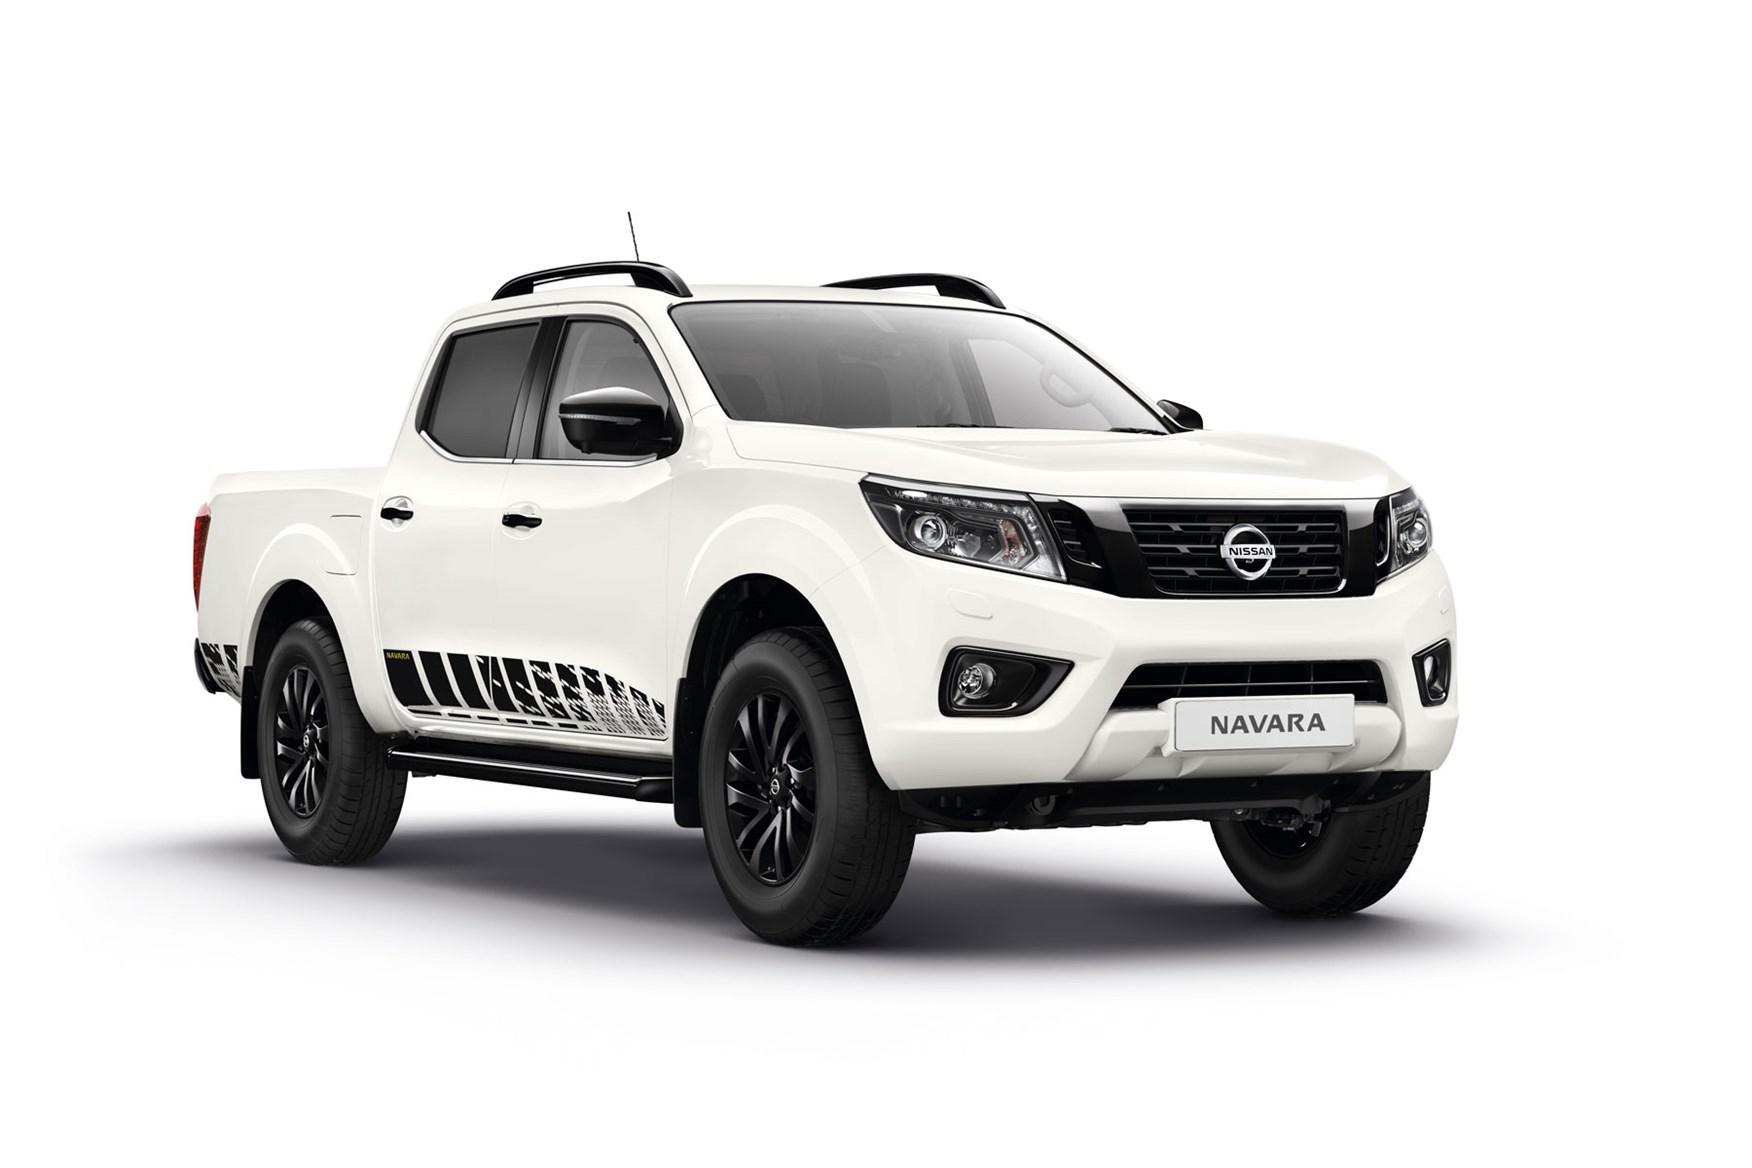 Nissan Navara N-Guard special edition pickup at the 2018 ...